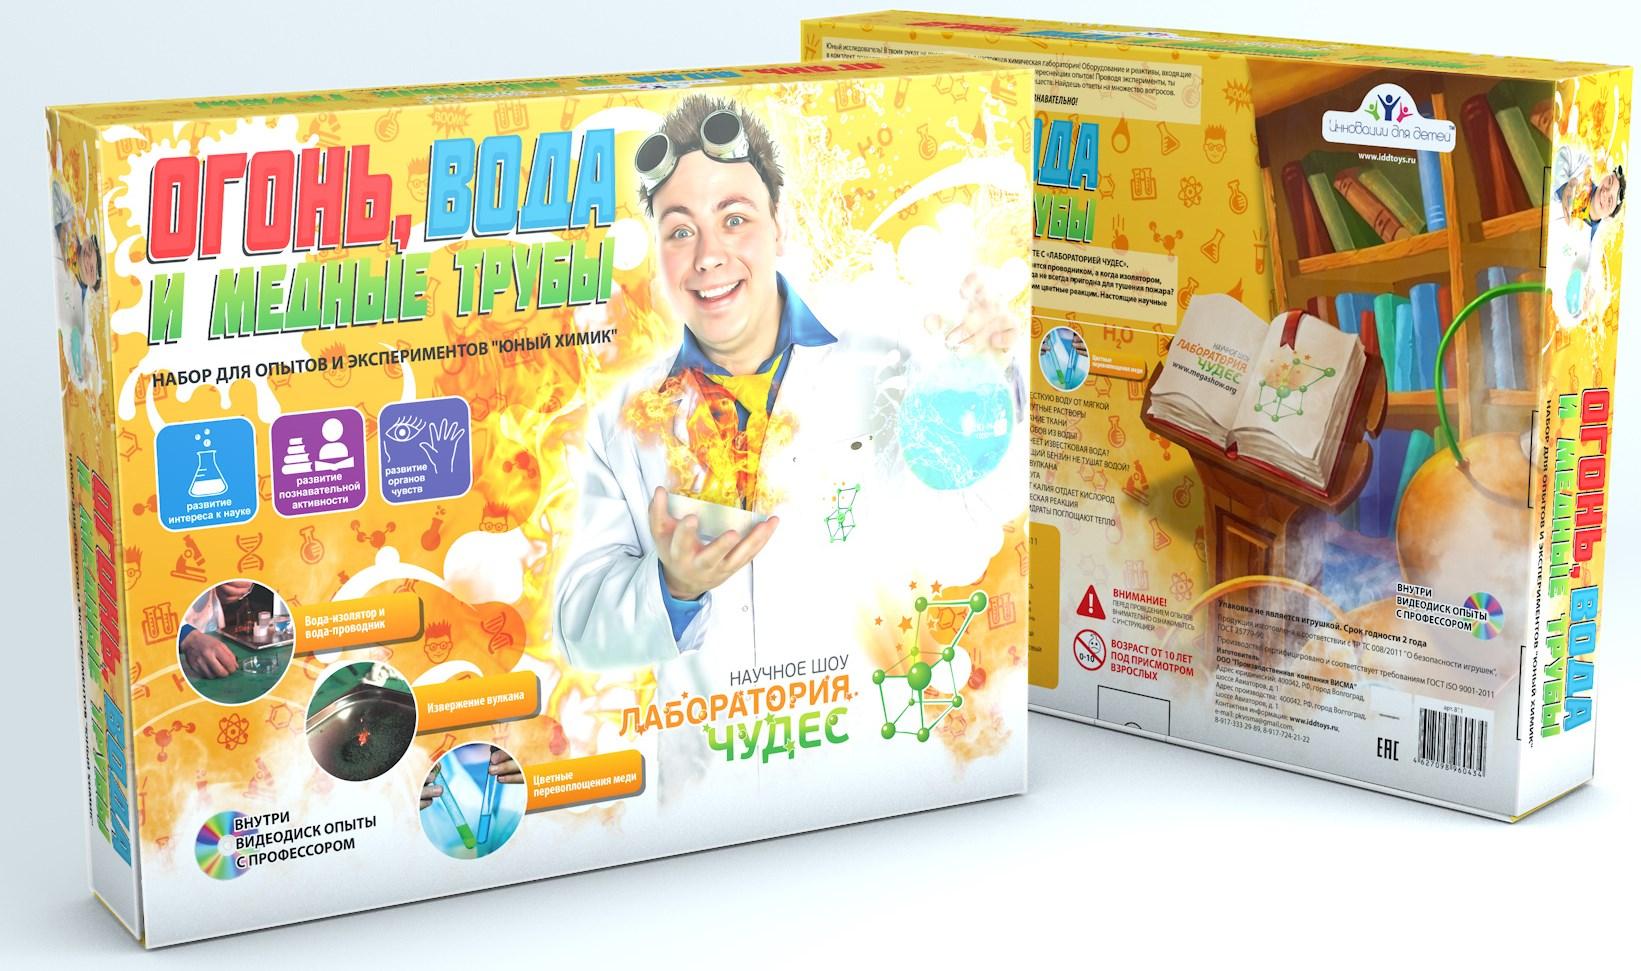 Набор Юный химик: Огонь, вода и медные трубы - Юный химик, артикул: 7873